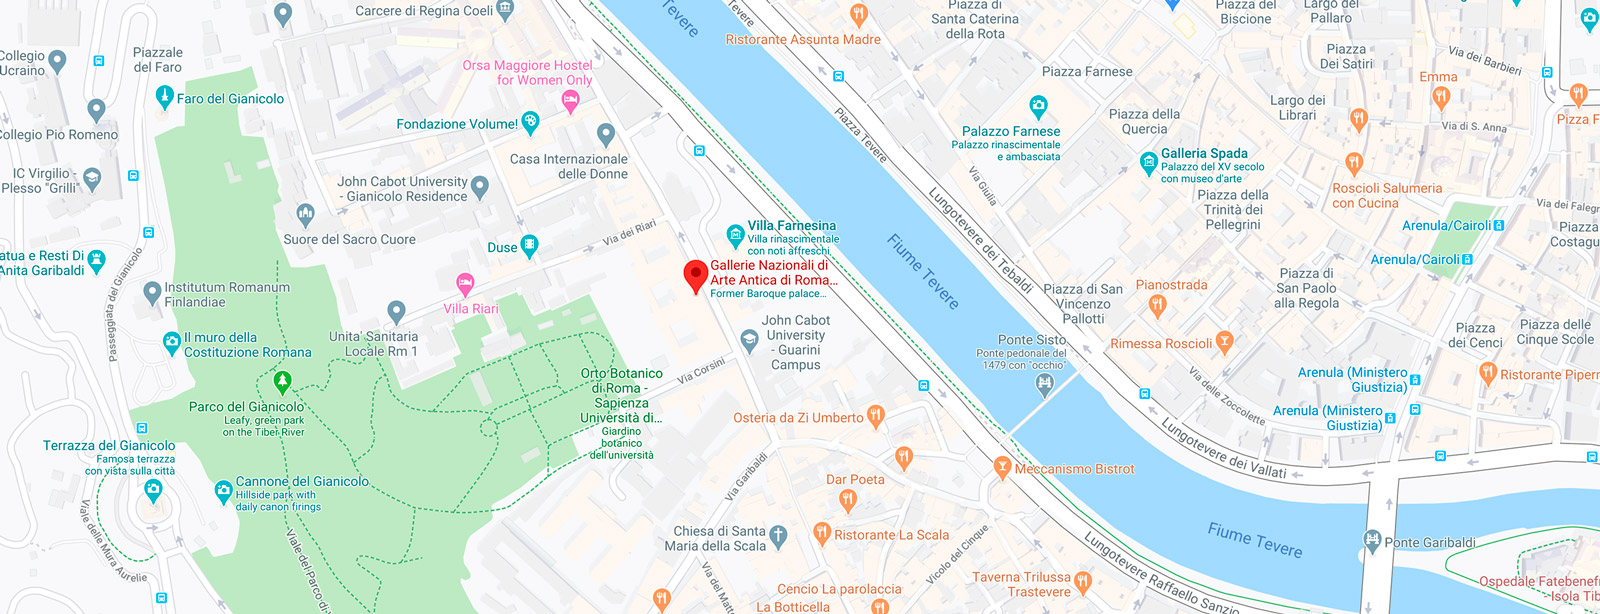 Gebart SPA Gallerie Nazionali Barberini Corsini Galleria Corsini Mappa